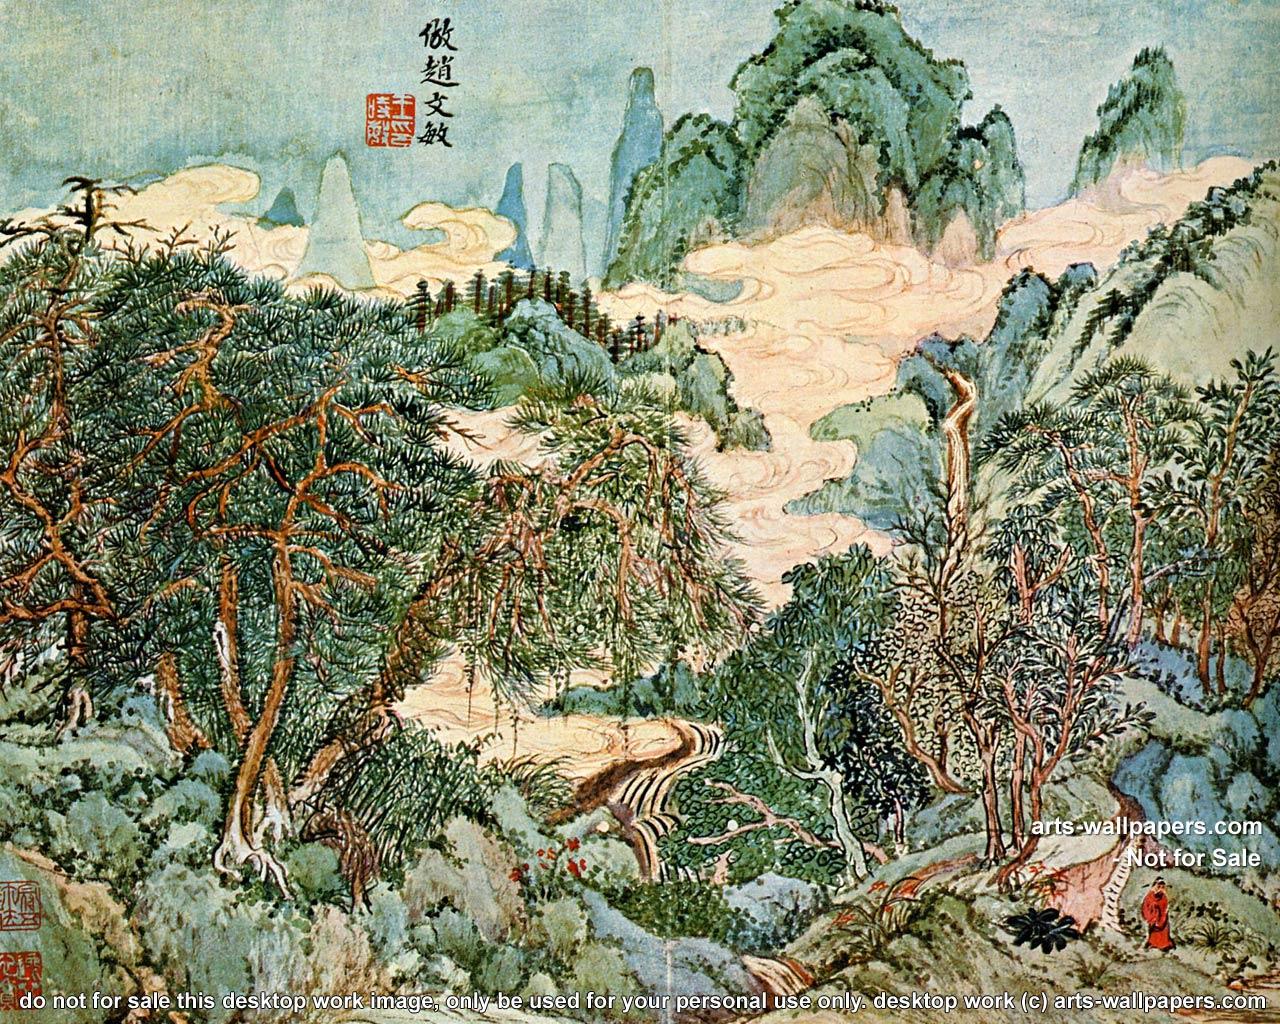 Asian Art Wallpaper Top HD Wallpapers 1280x1024